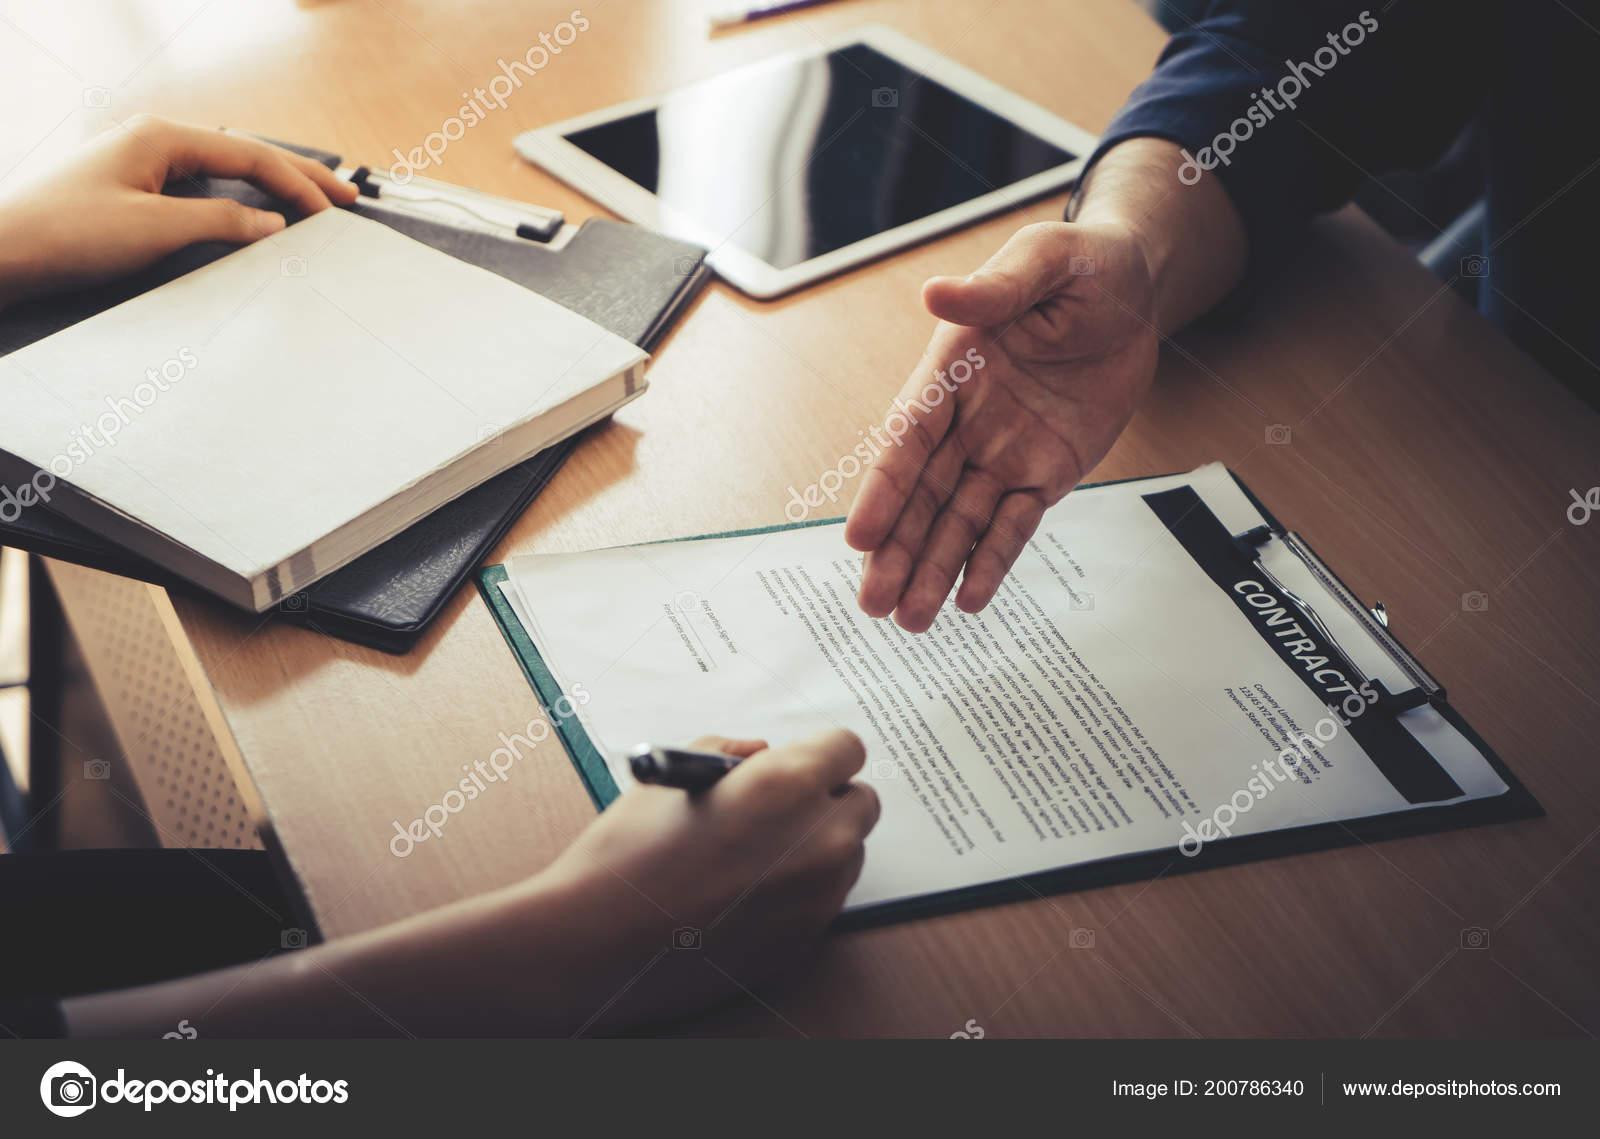 Neuer Arbeitgeber Wurden Eingeladen Nach Erfolgreichen